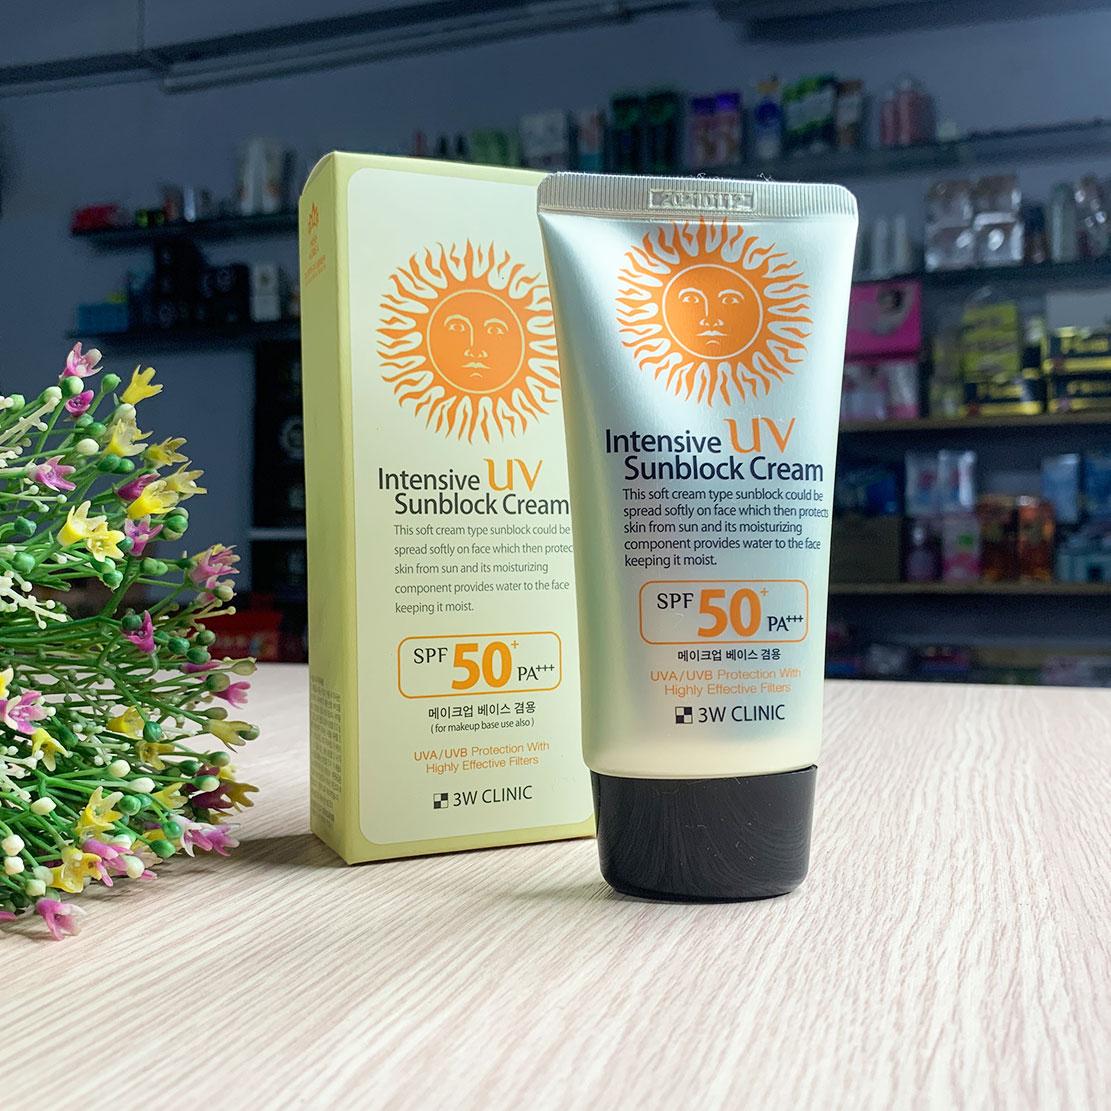 Kem chống nắng 3W Clinic Hàn Quốc bảo vệ da tối ưu